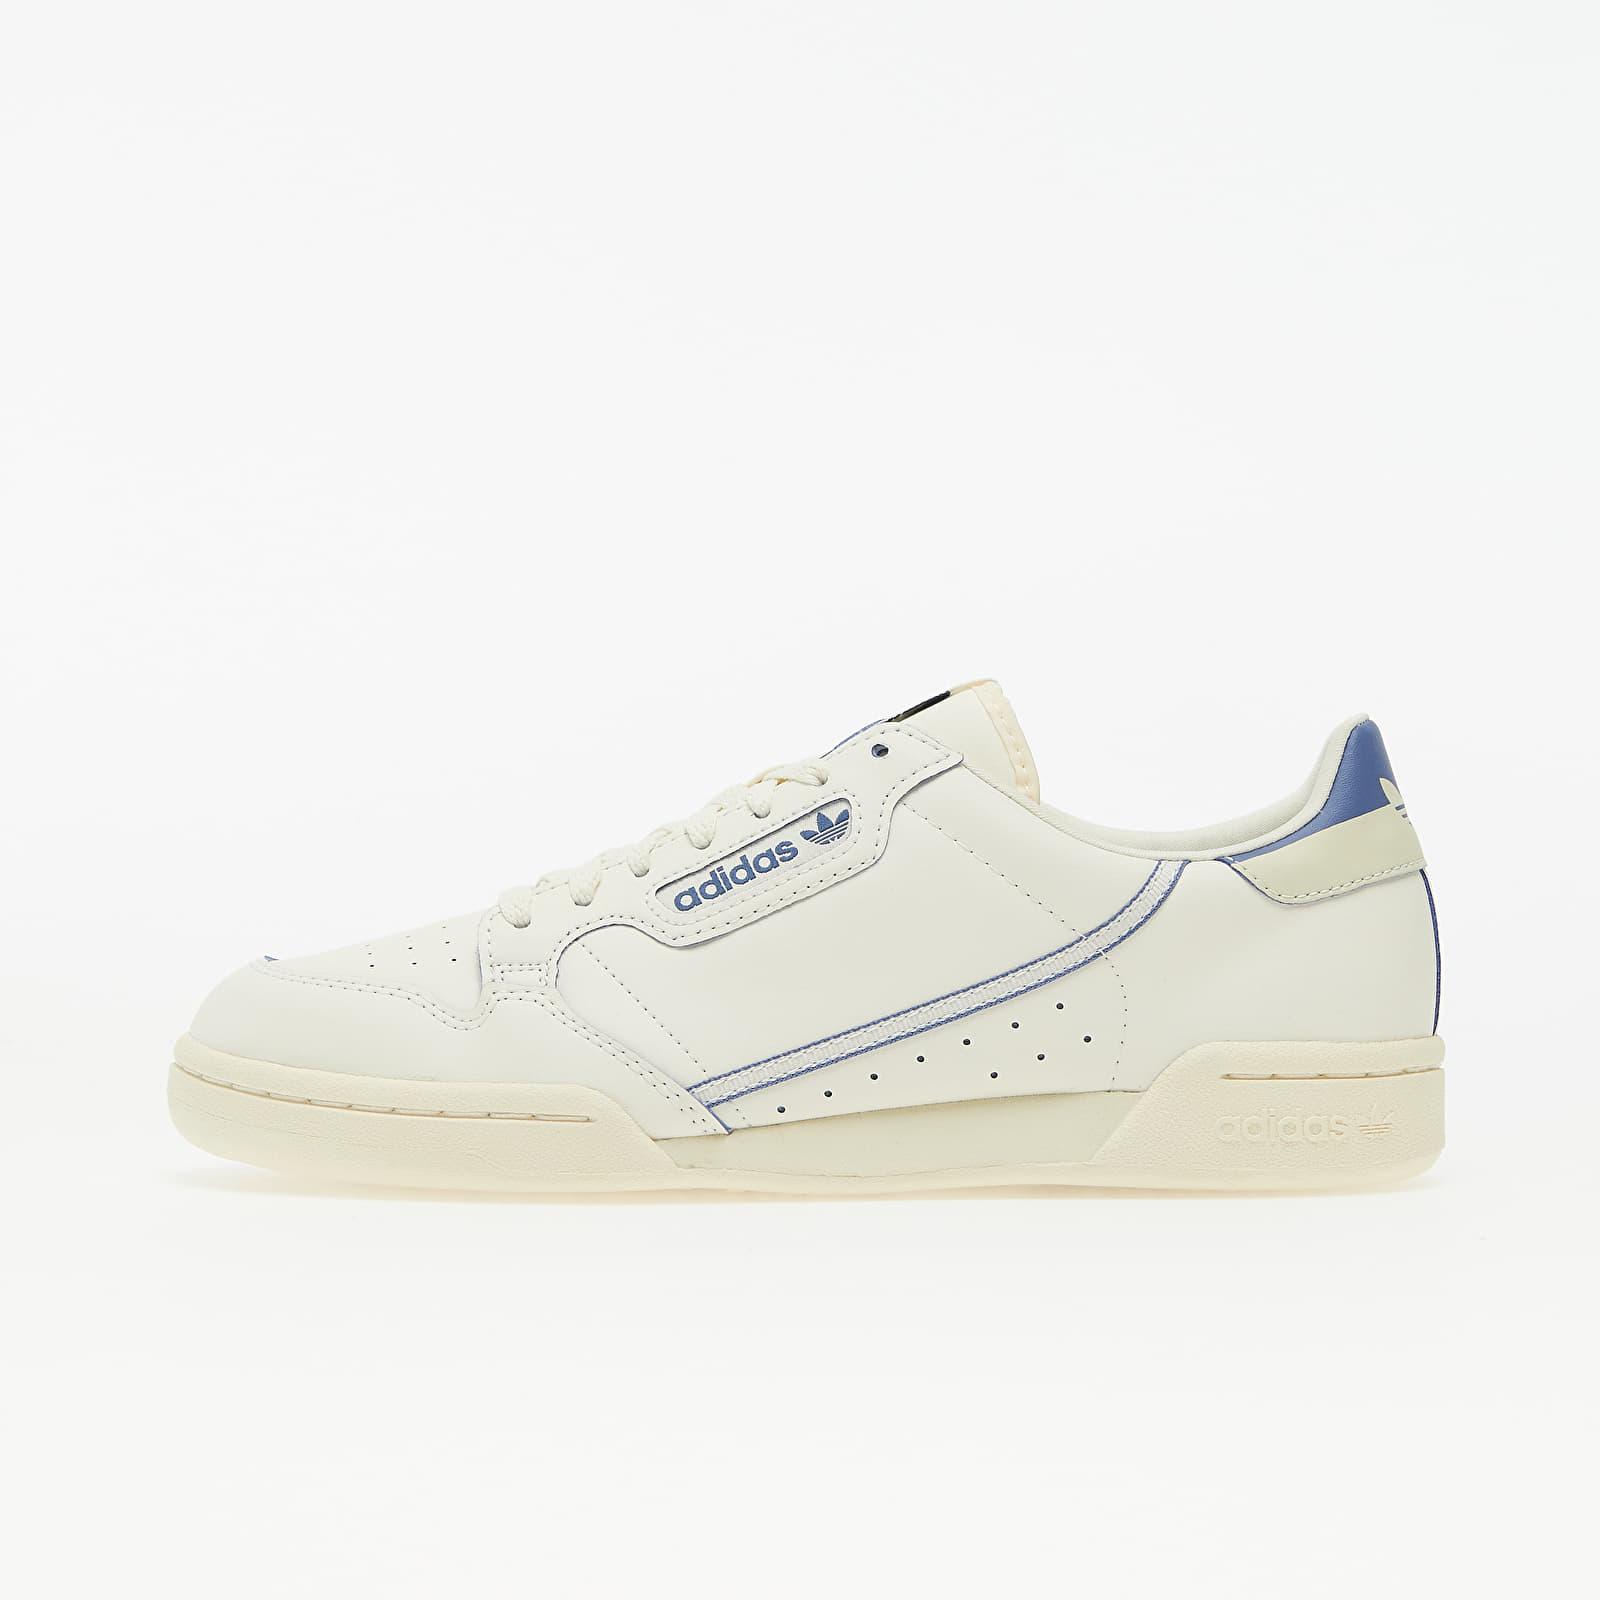 adidas Continental 80 Core White/ Core White/ Core Blue FX5089